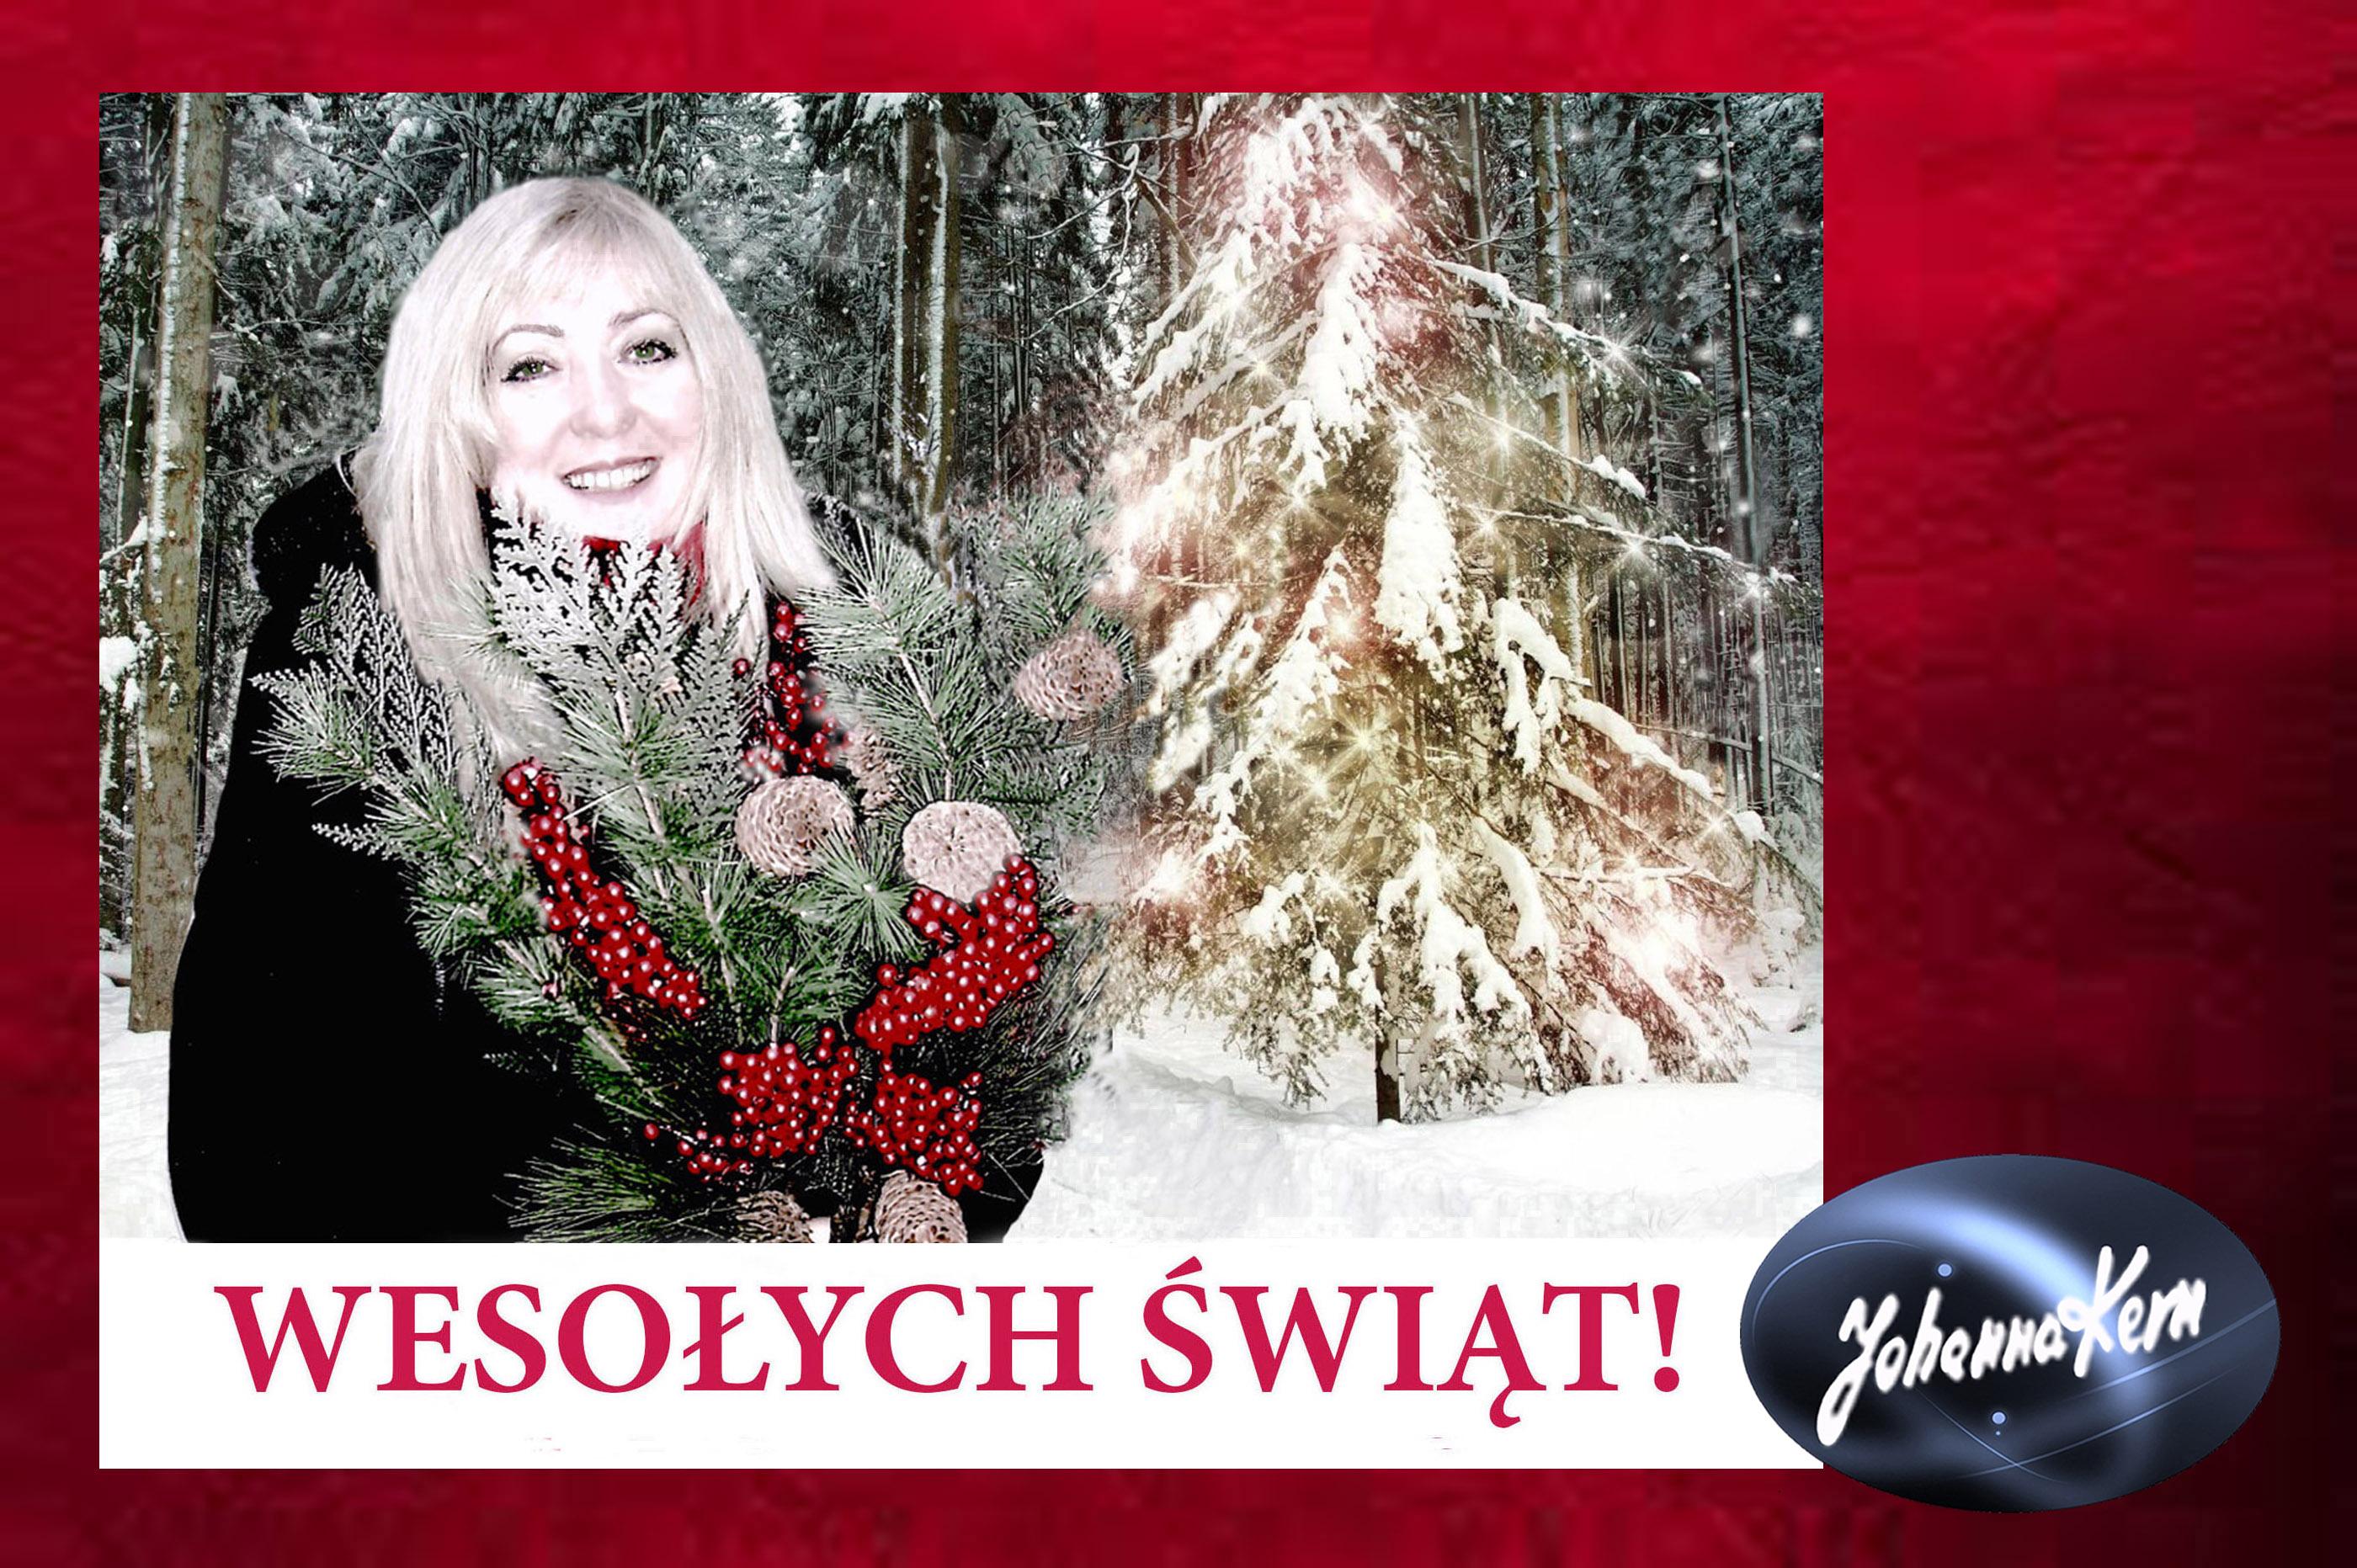 wesolych-swiat-with-red-trim